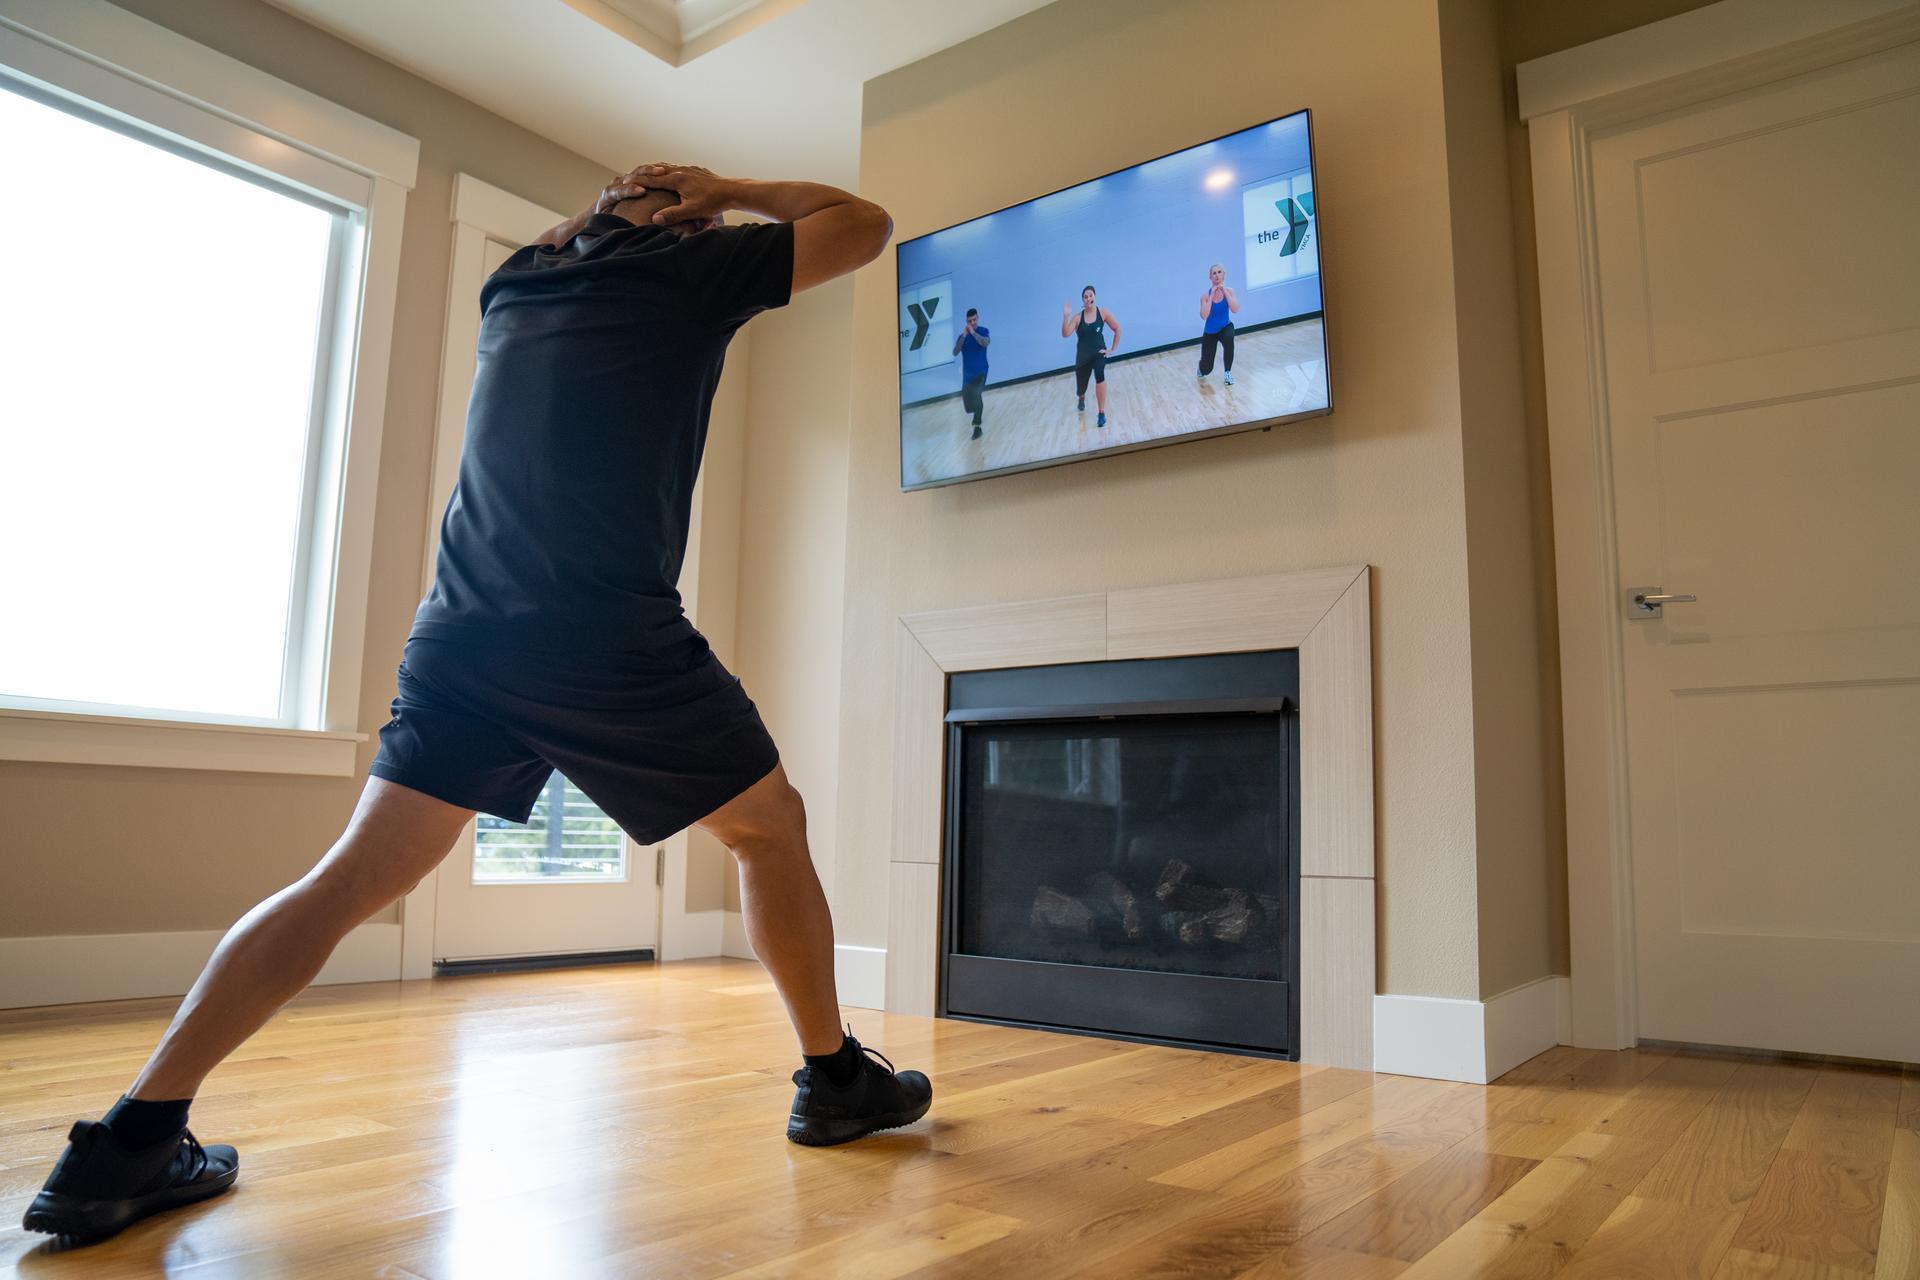 indoor exercise